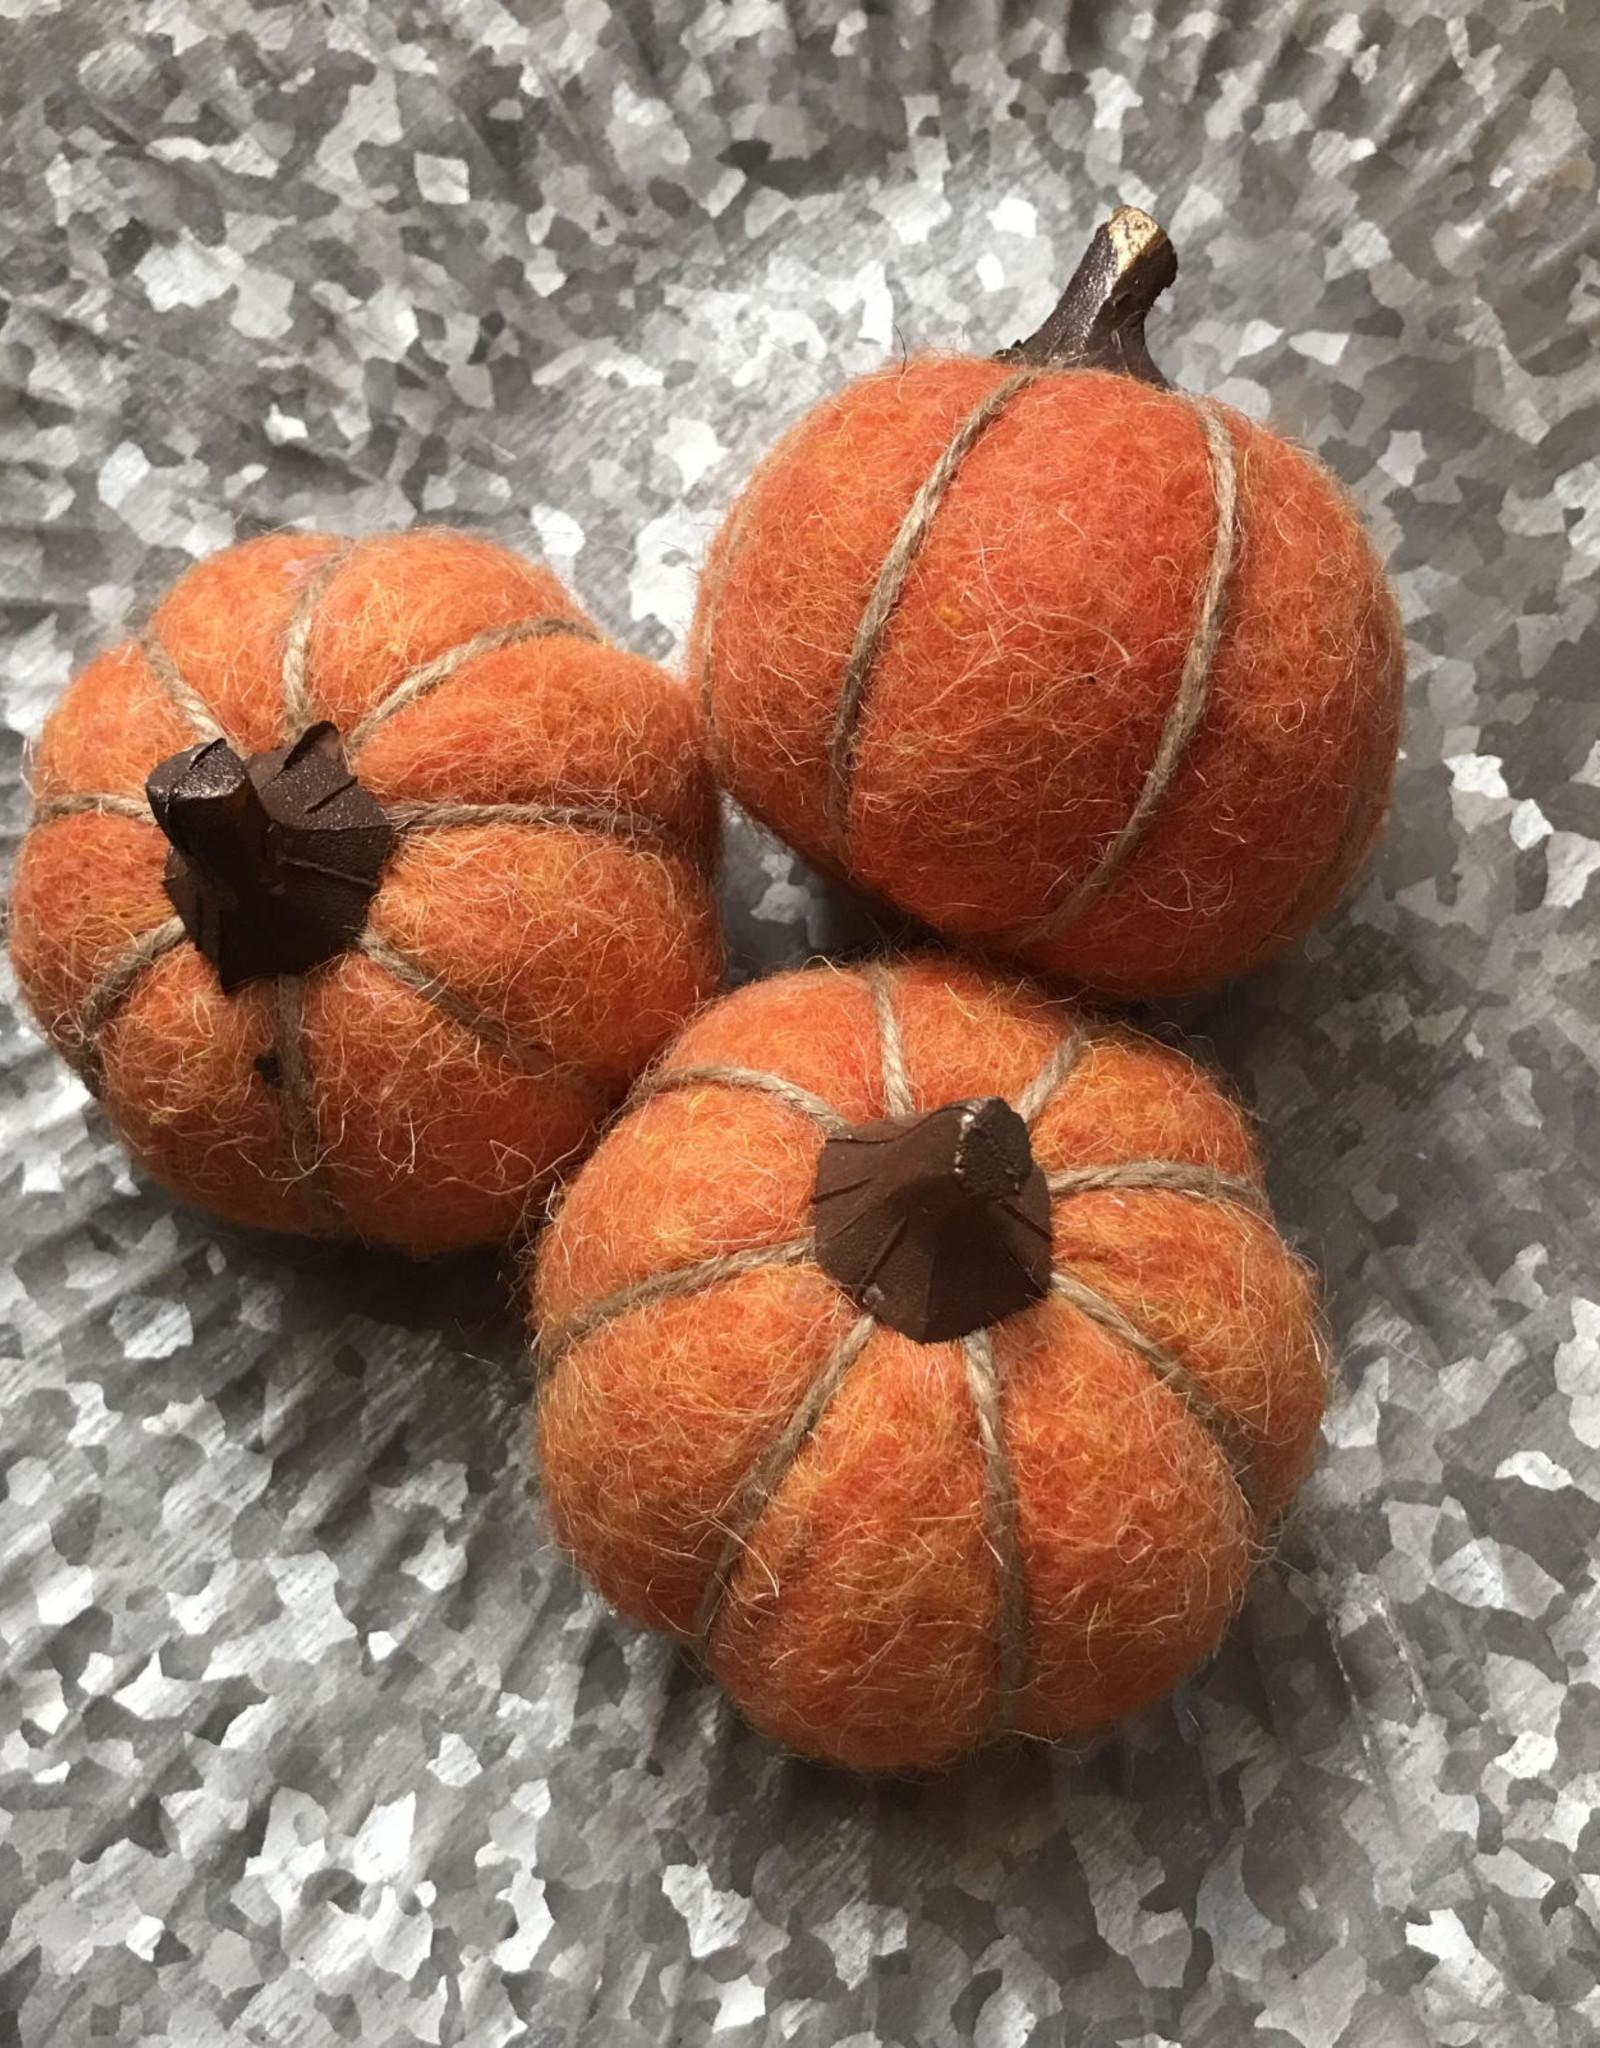 Wink Little Orange Wool Pumpkins